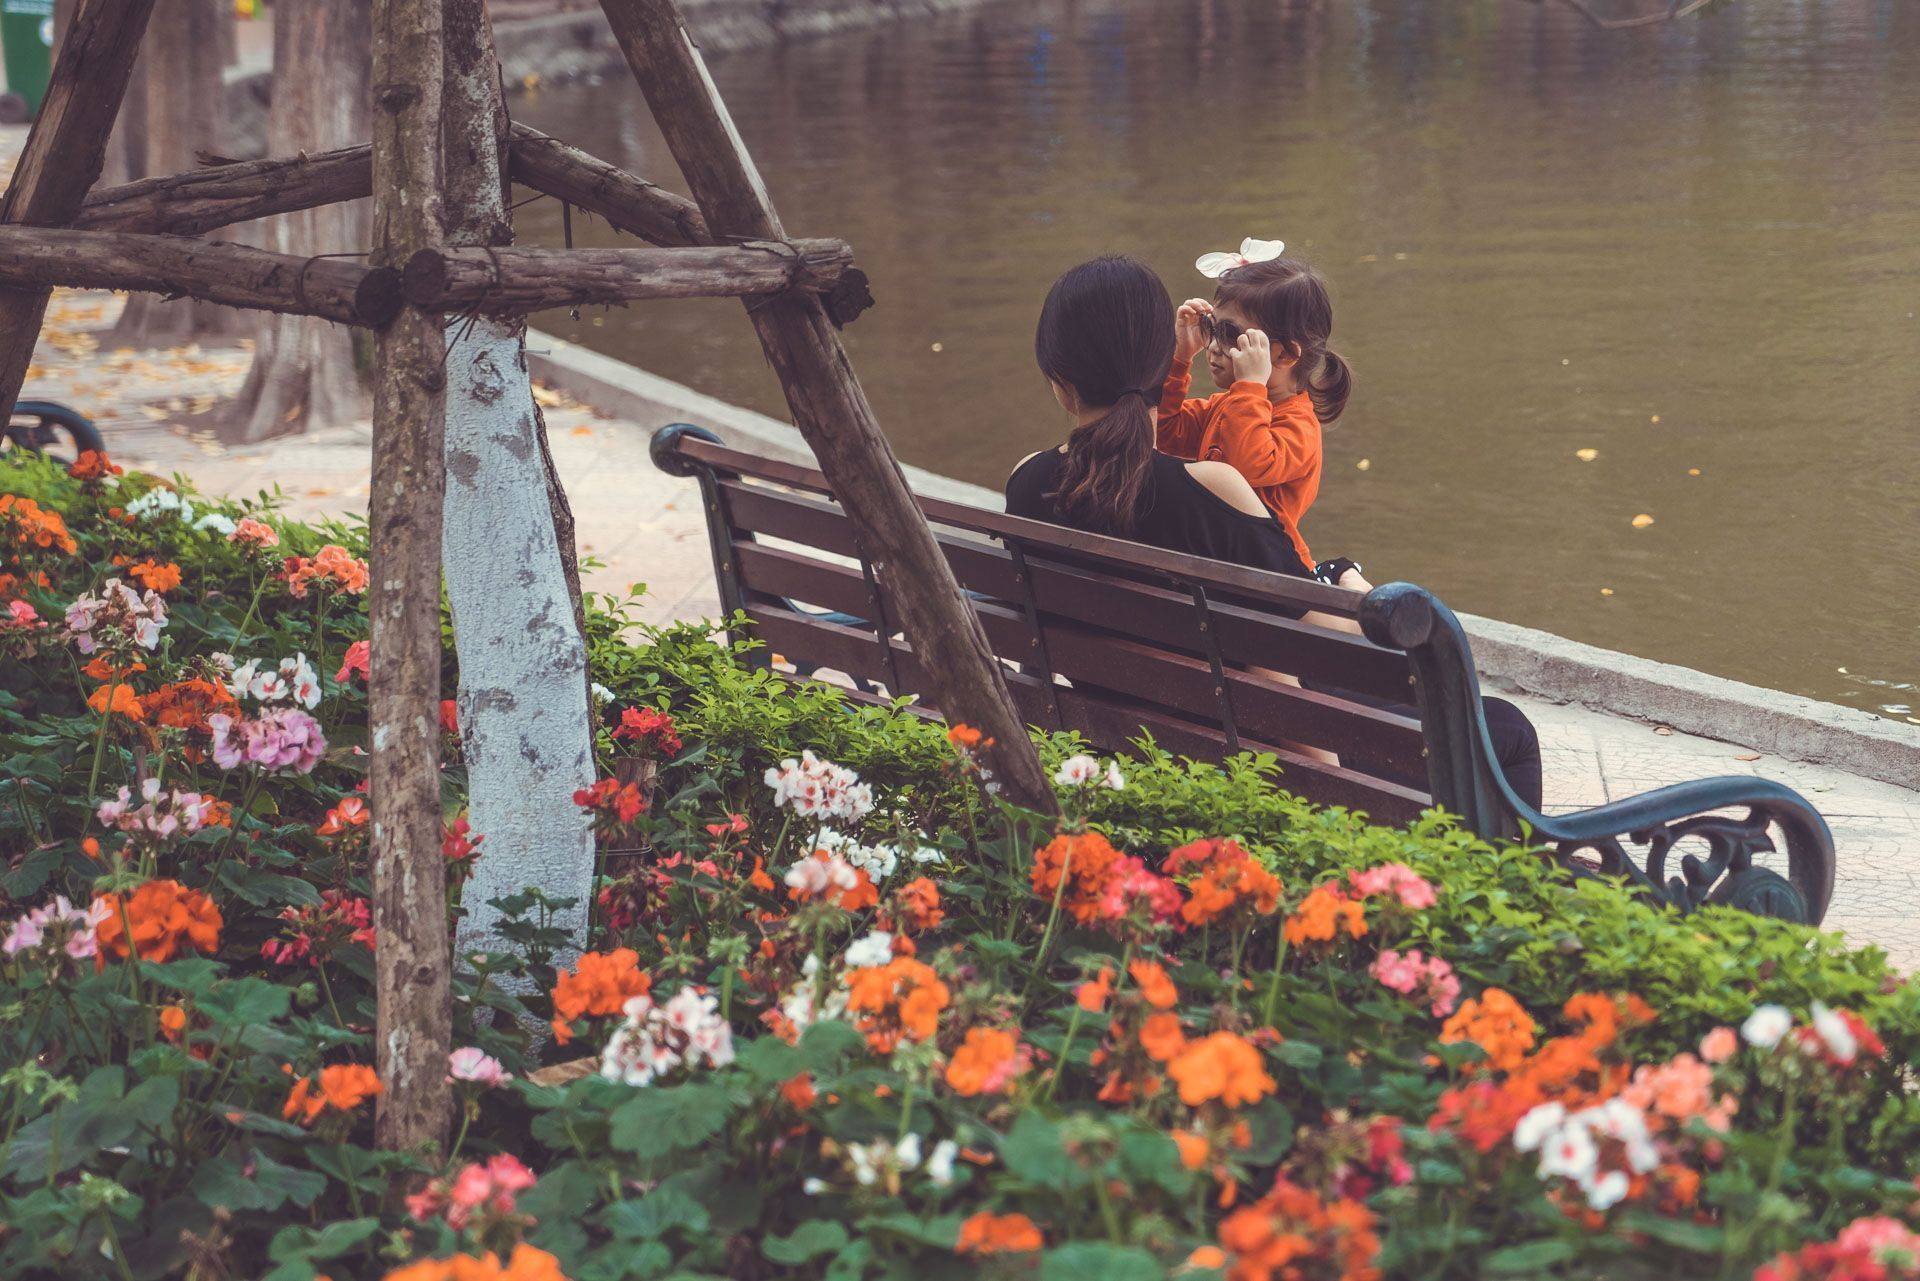 LesVoyageuses-Vietnam-hanoi-tour-vespa-adventures-10